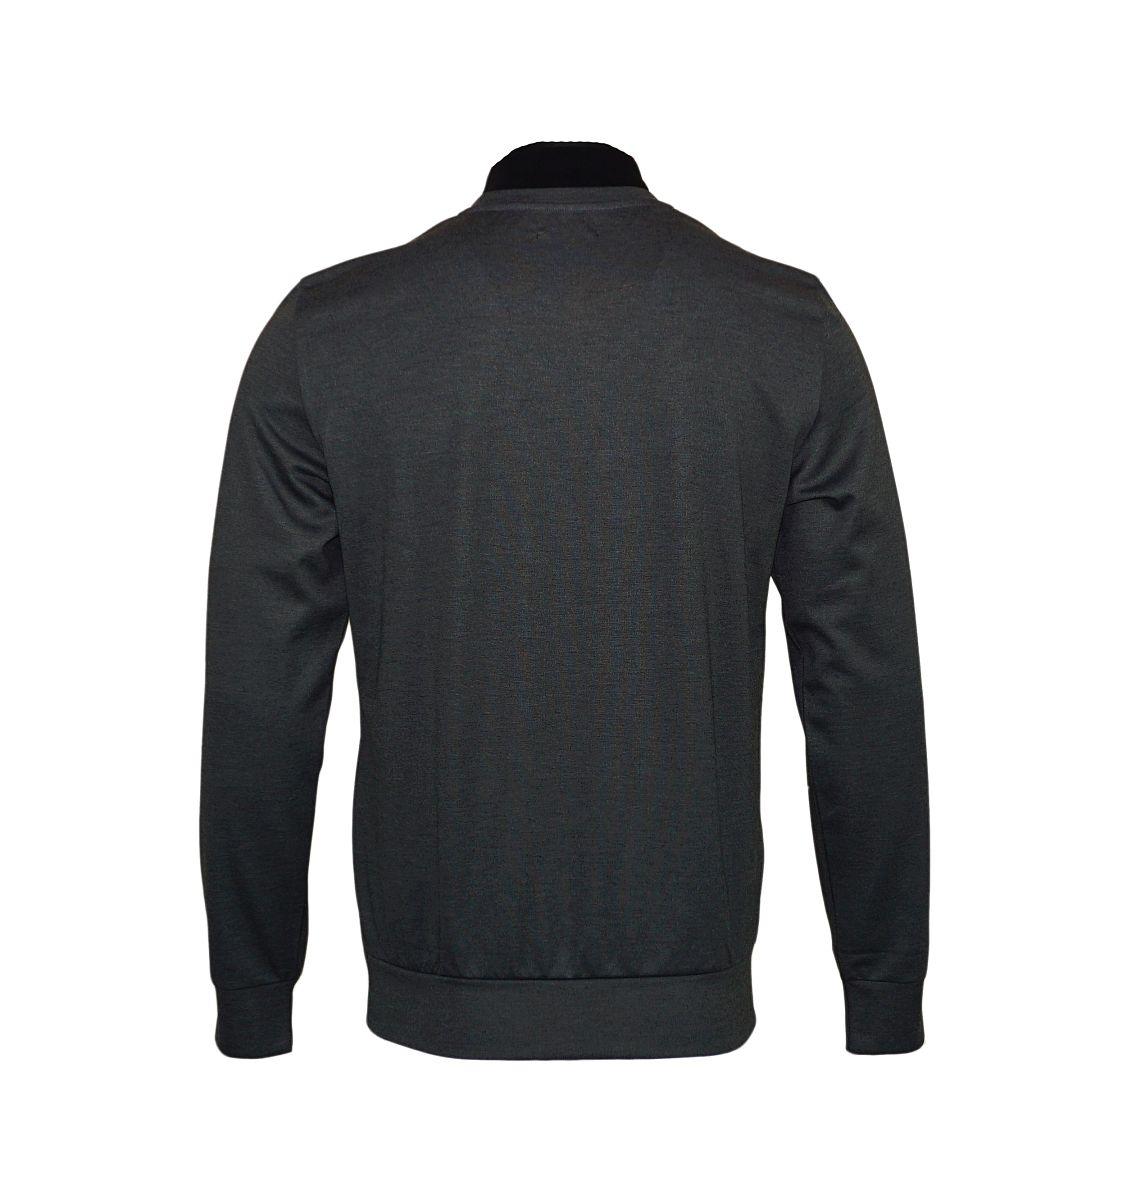 Emporio Armani Pullover Rundhals Sweater 111437 7A561 50920 NERO/CEMENTO HW17-EAS1